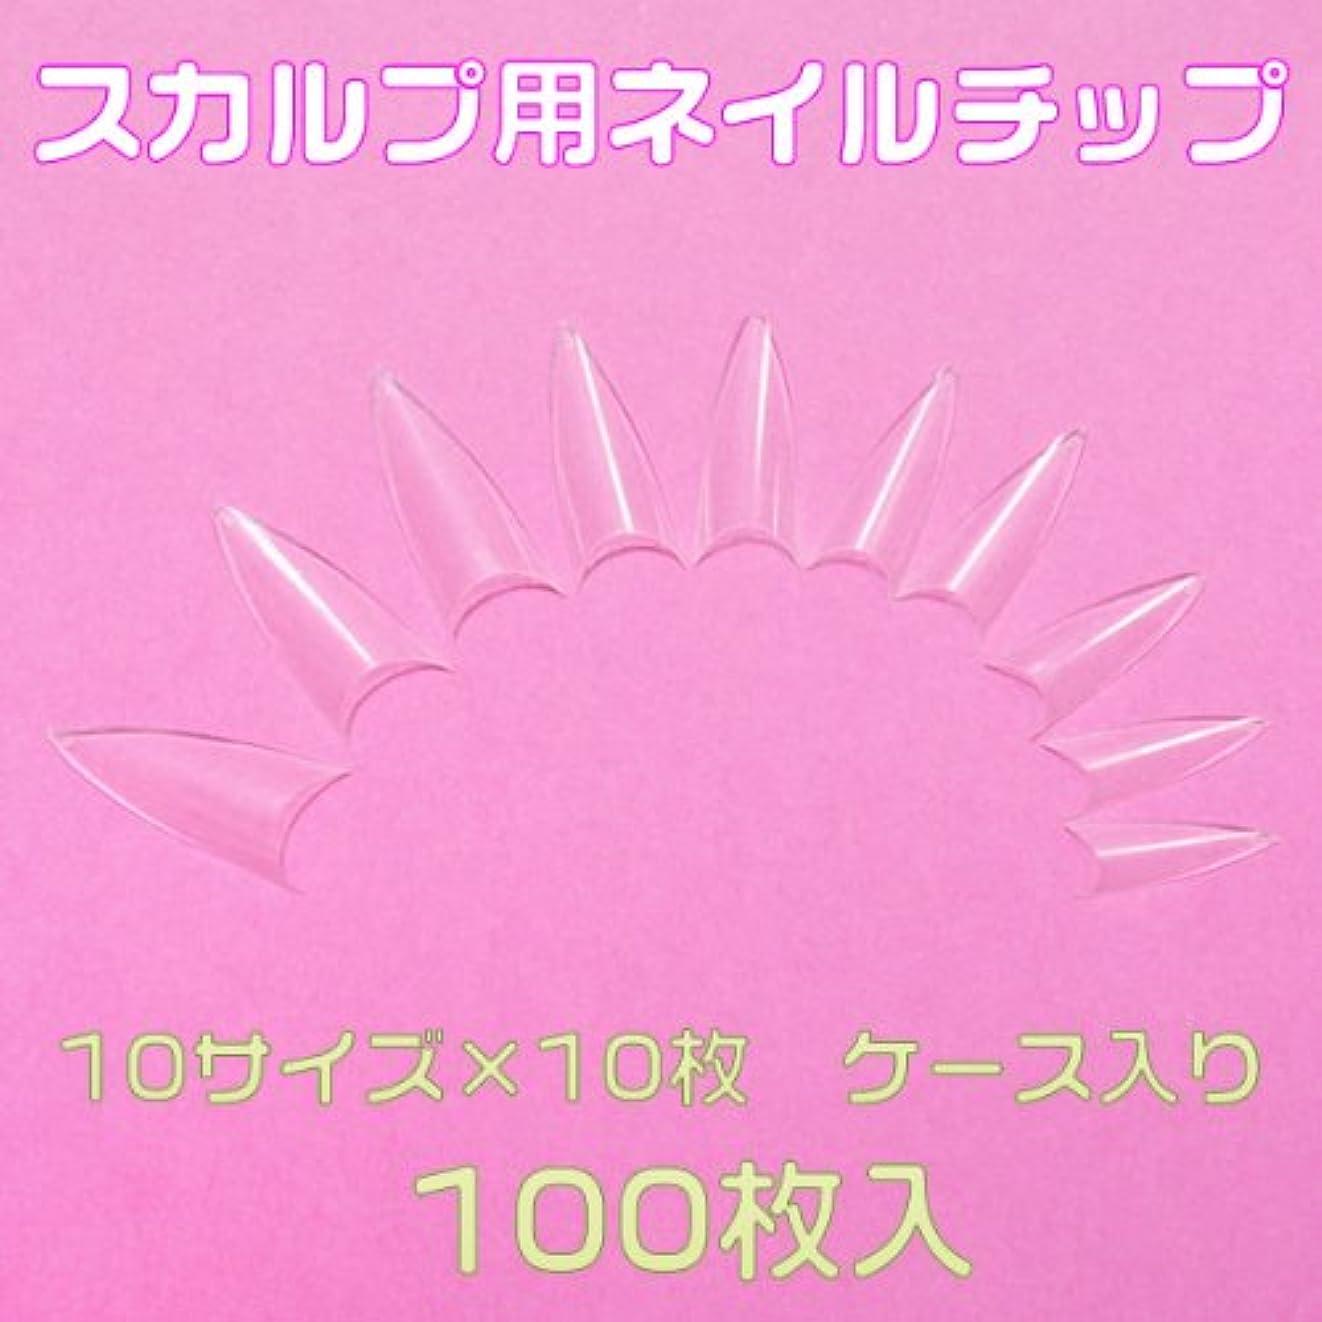 出力バンジョー中性シャープポイント 先端が尖ったネイルチップ10サイズ100枚 クリア ケース入[#c5]とんがりネイルチップ